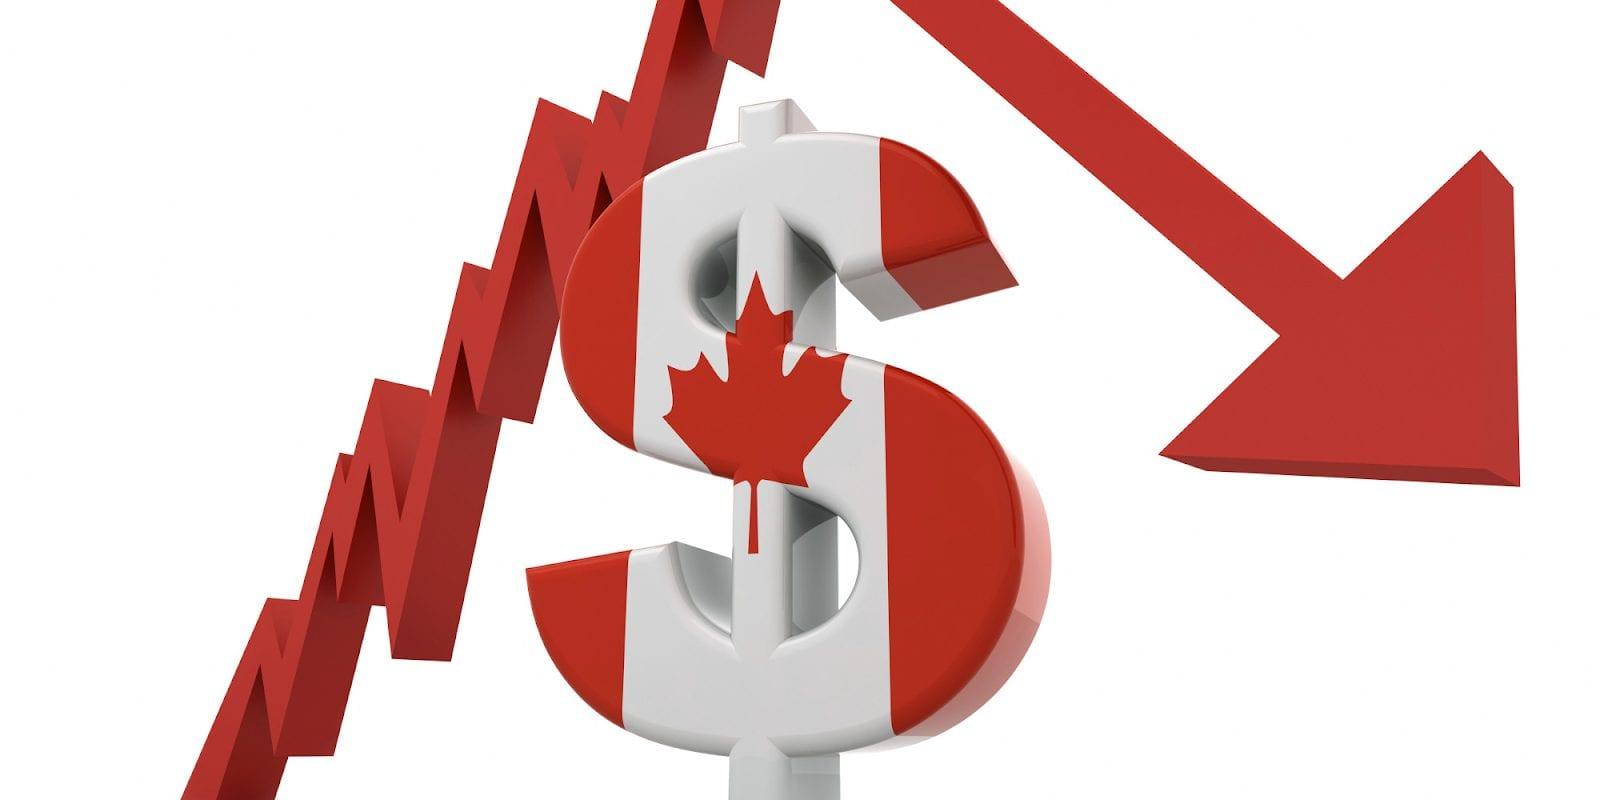 kinh tế canada, kinh tế canada 2020, nền kinh tế canada, kinh tế canada 2019, tình hình kinh tế canada, kinh tế canada hiện nay, nền kinh tế canada 2018, kinh tế canada đứng thứ mấy, kinh tế của canada, ngành kinh tế canada, kinh tế ở canada, kinh tế canada hôm nay, tổng quan kinh tế canada, tình hình kinh tế canada 2018, kinh tế canada 2021, kinh tế canada hiện này, dự đoán kinh tế canada